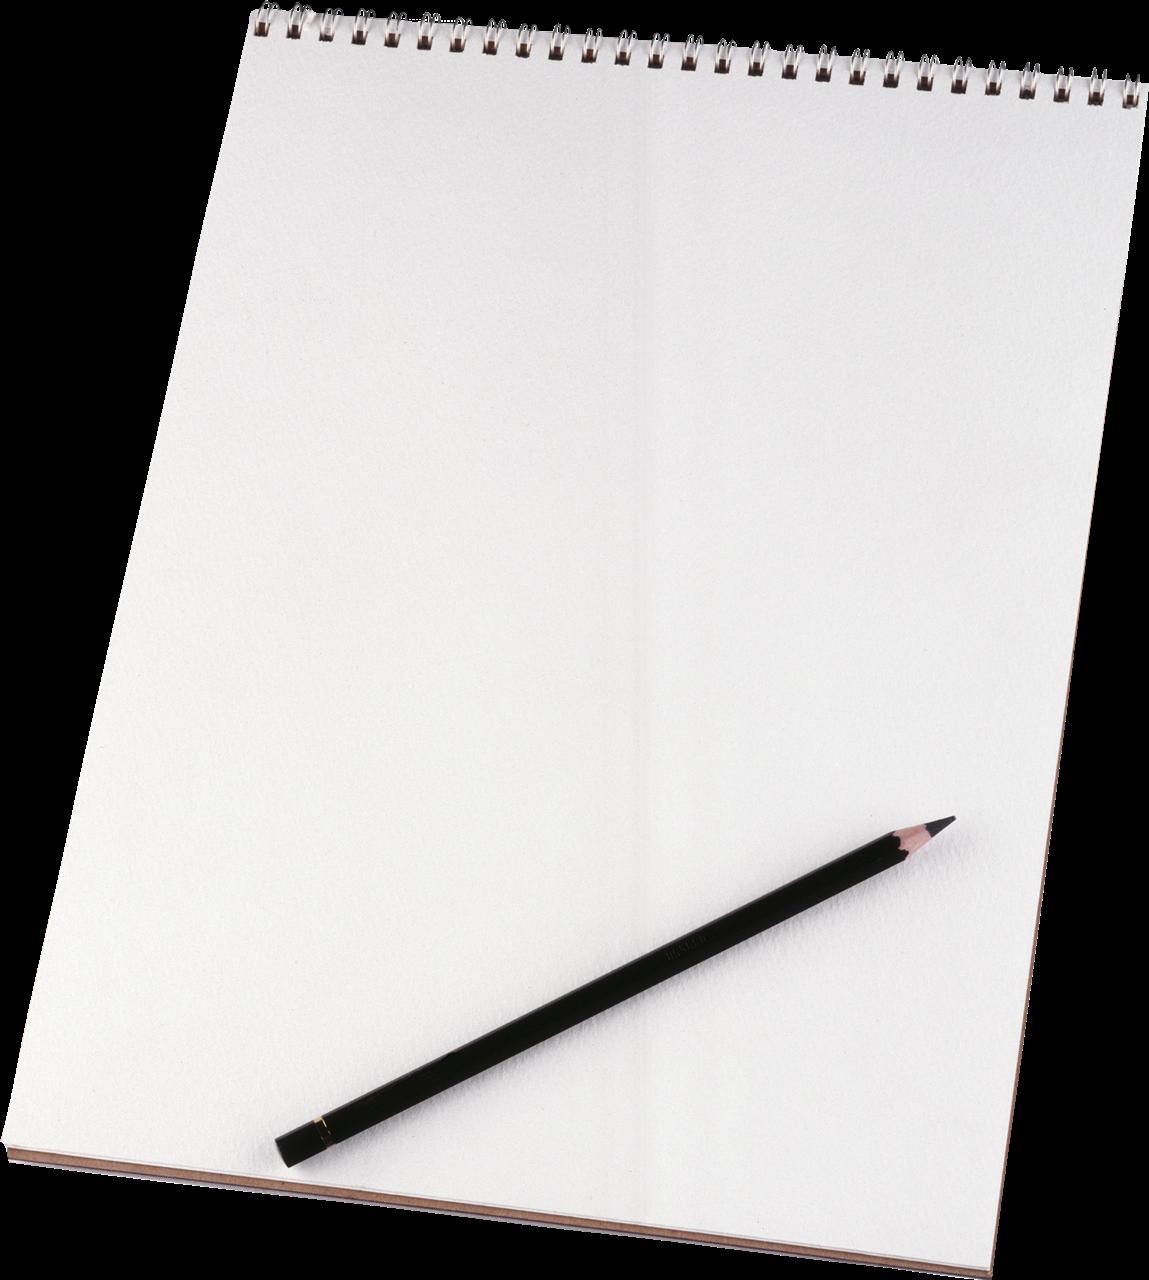 Paper Sheet PNG Download Image SVG Clip arts